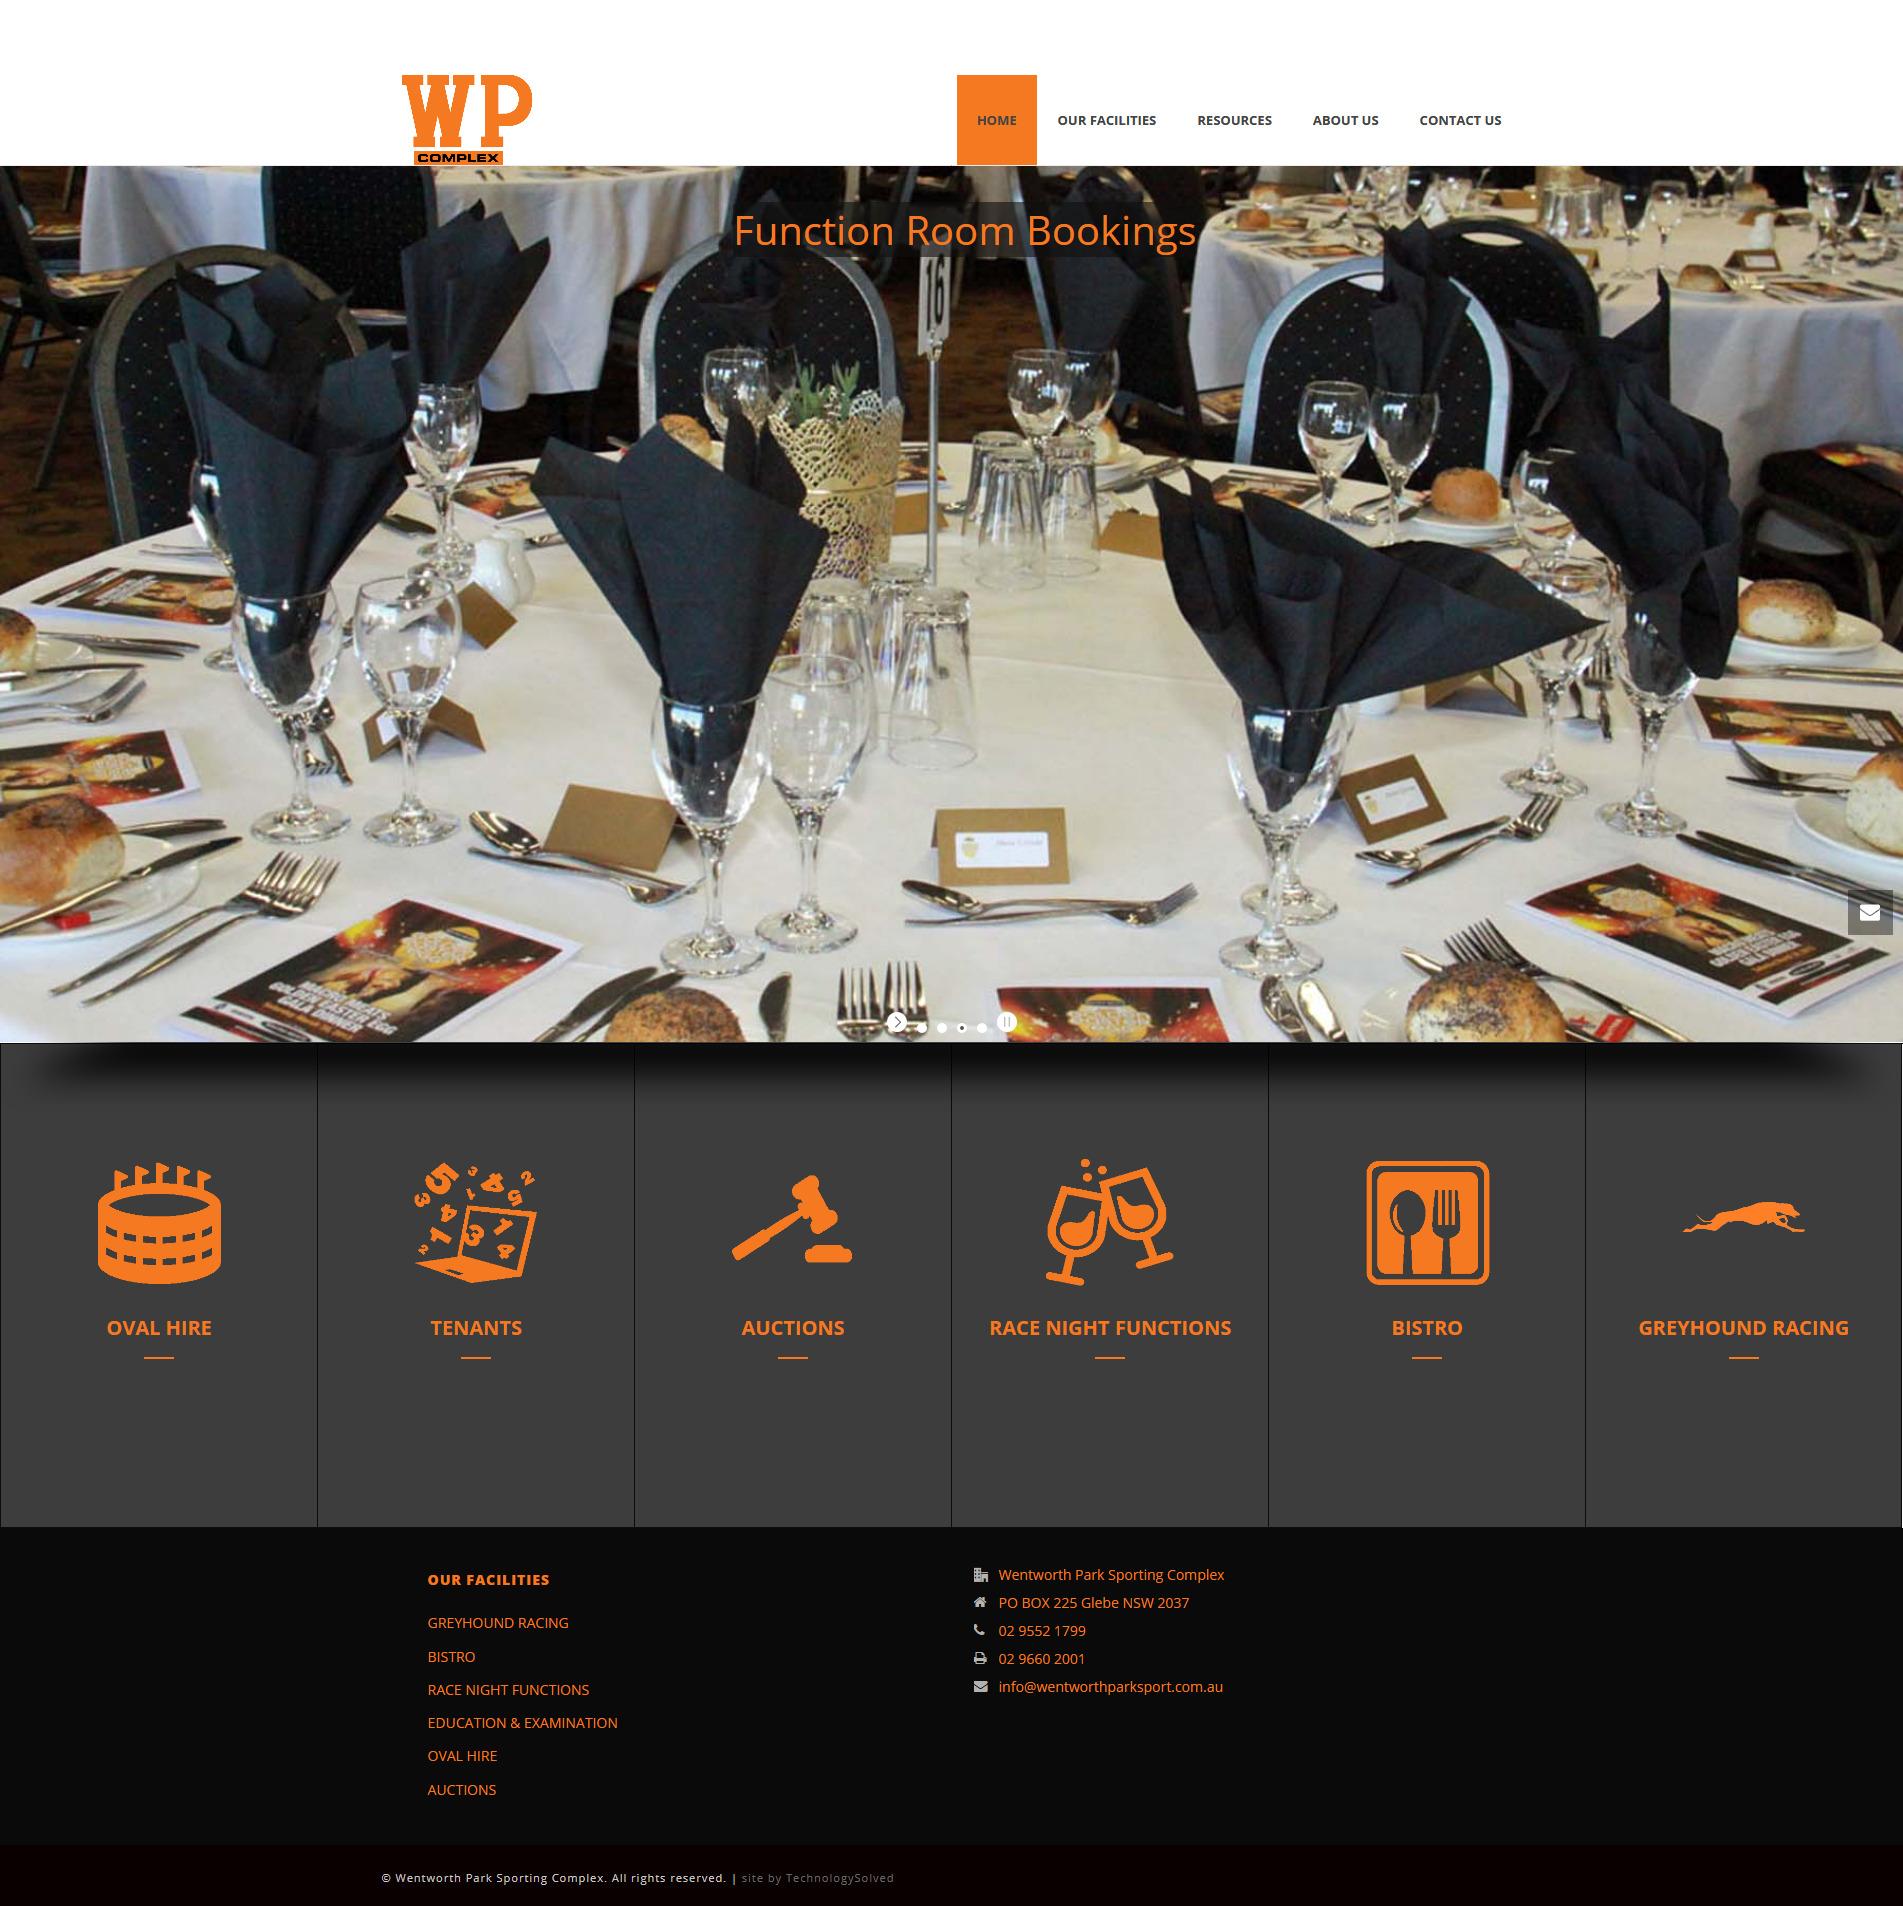 طراحی سایت شرکتی wentworthparksport